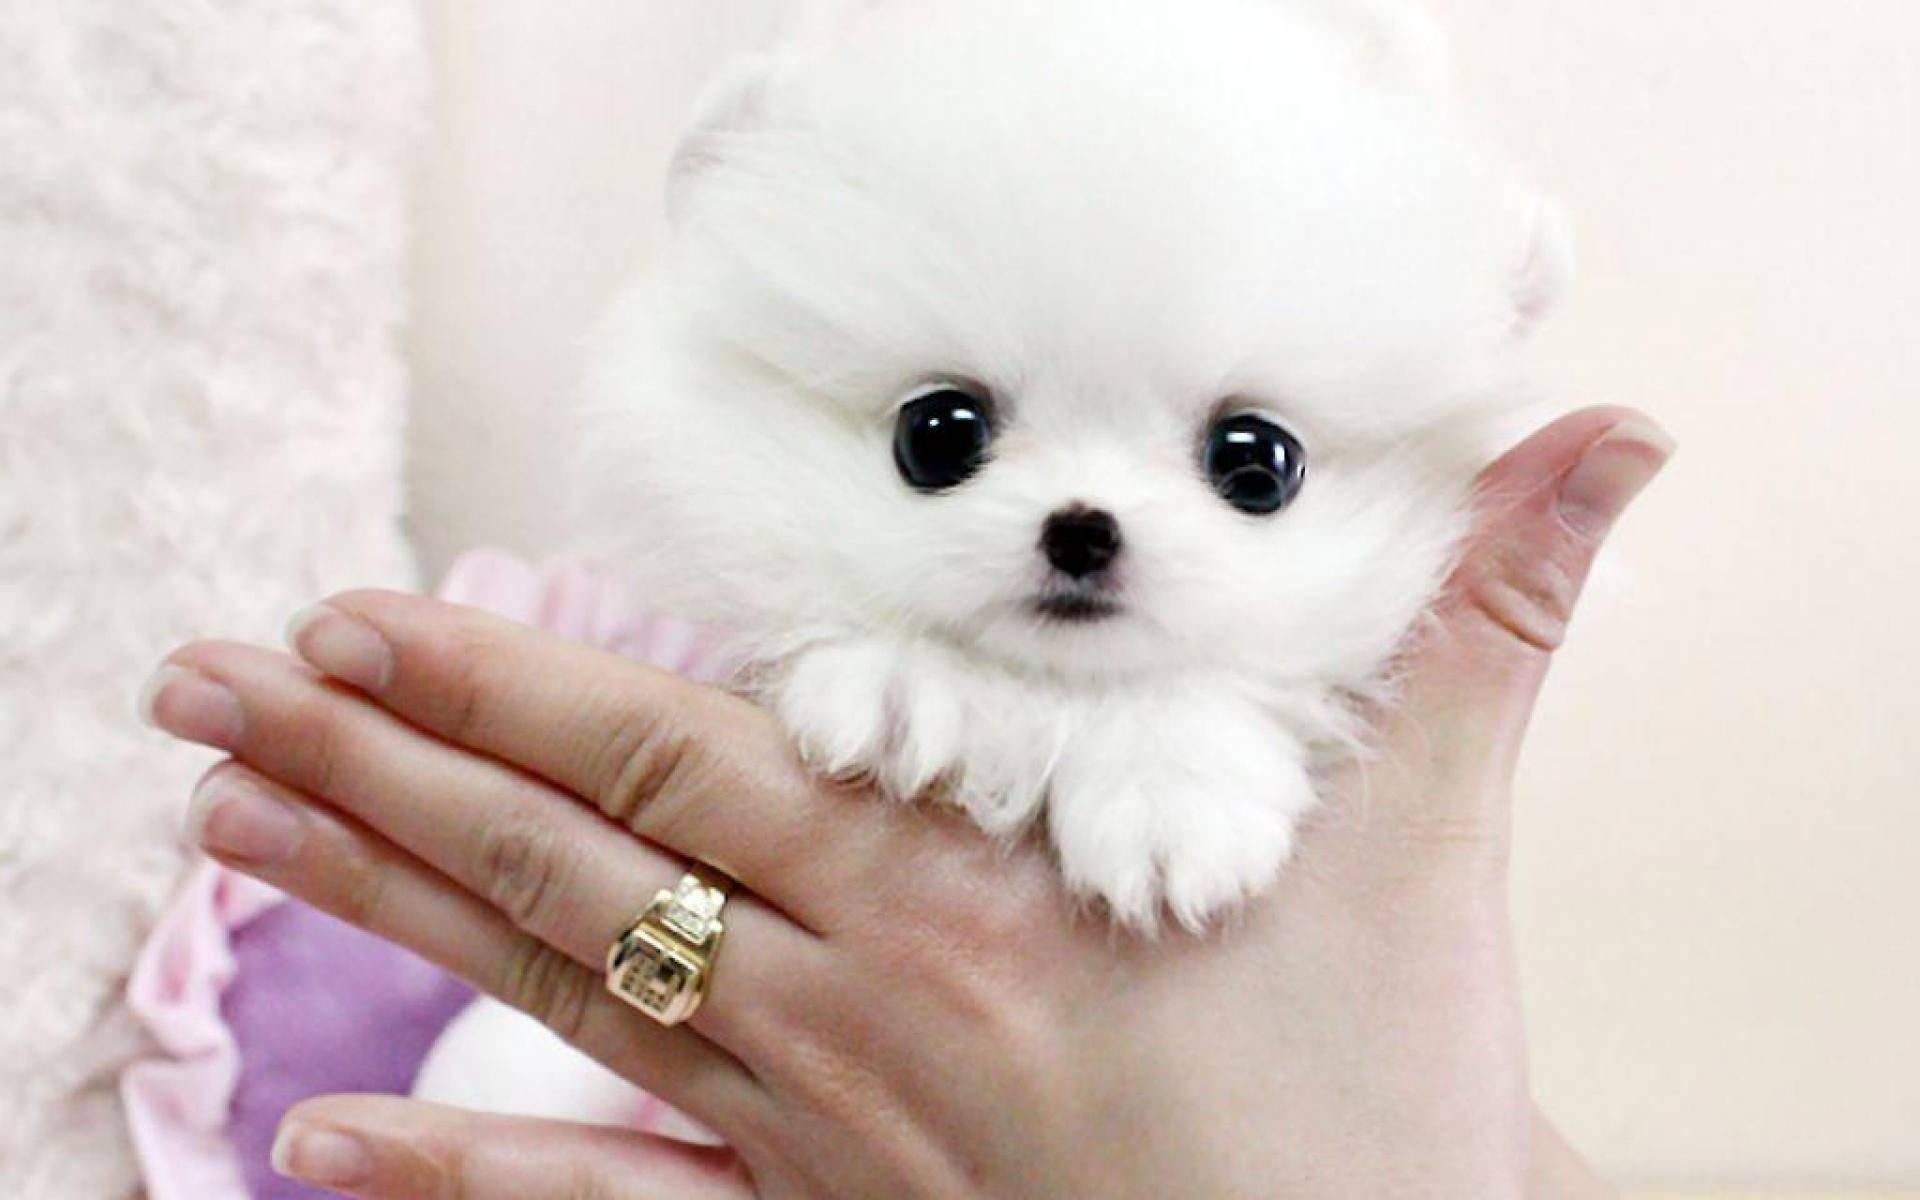 Милые собачки (40 фото): породы самых маленьких собак в мире с названиями. как выбрать пушистых щенков и красивых больших животных?